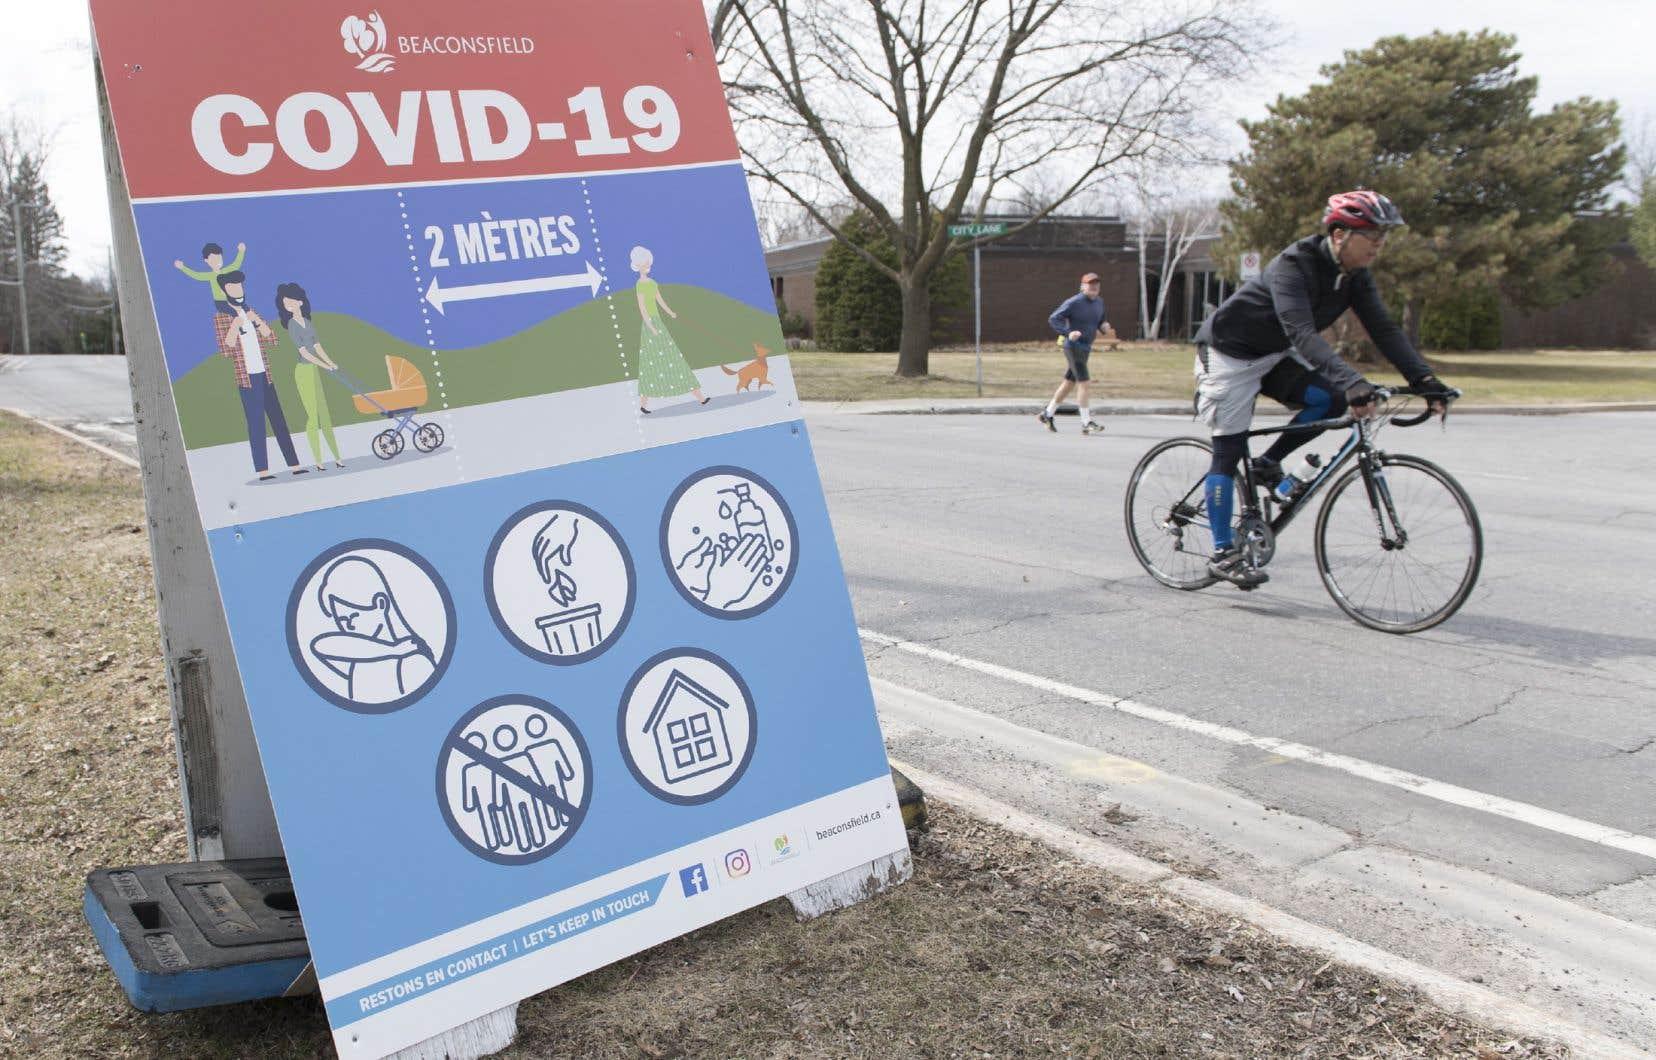 «Nous avons aussi une préoccupation pour les interactions entre les piétons et les cyclistes, et pour la sécurité des cyclistes, ces derniers étant aussi parfois contraints de prendre la rue pour éviter des pistes cyclables empruntées par les piétons en manque d'espace», mentionne l'autrice.